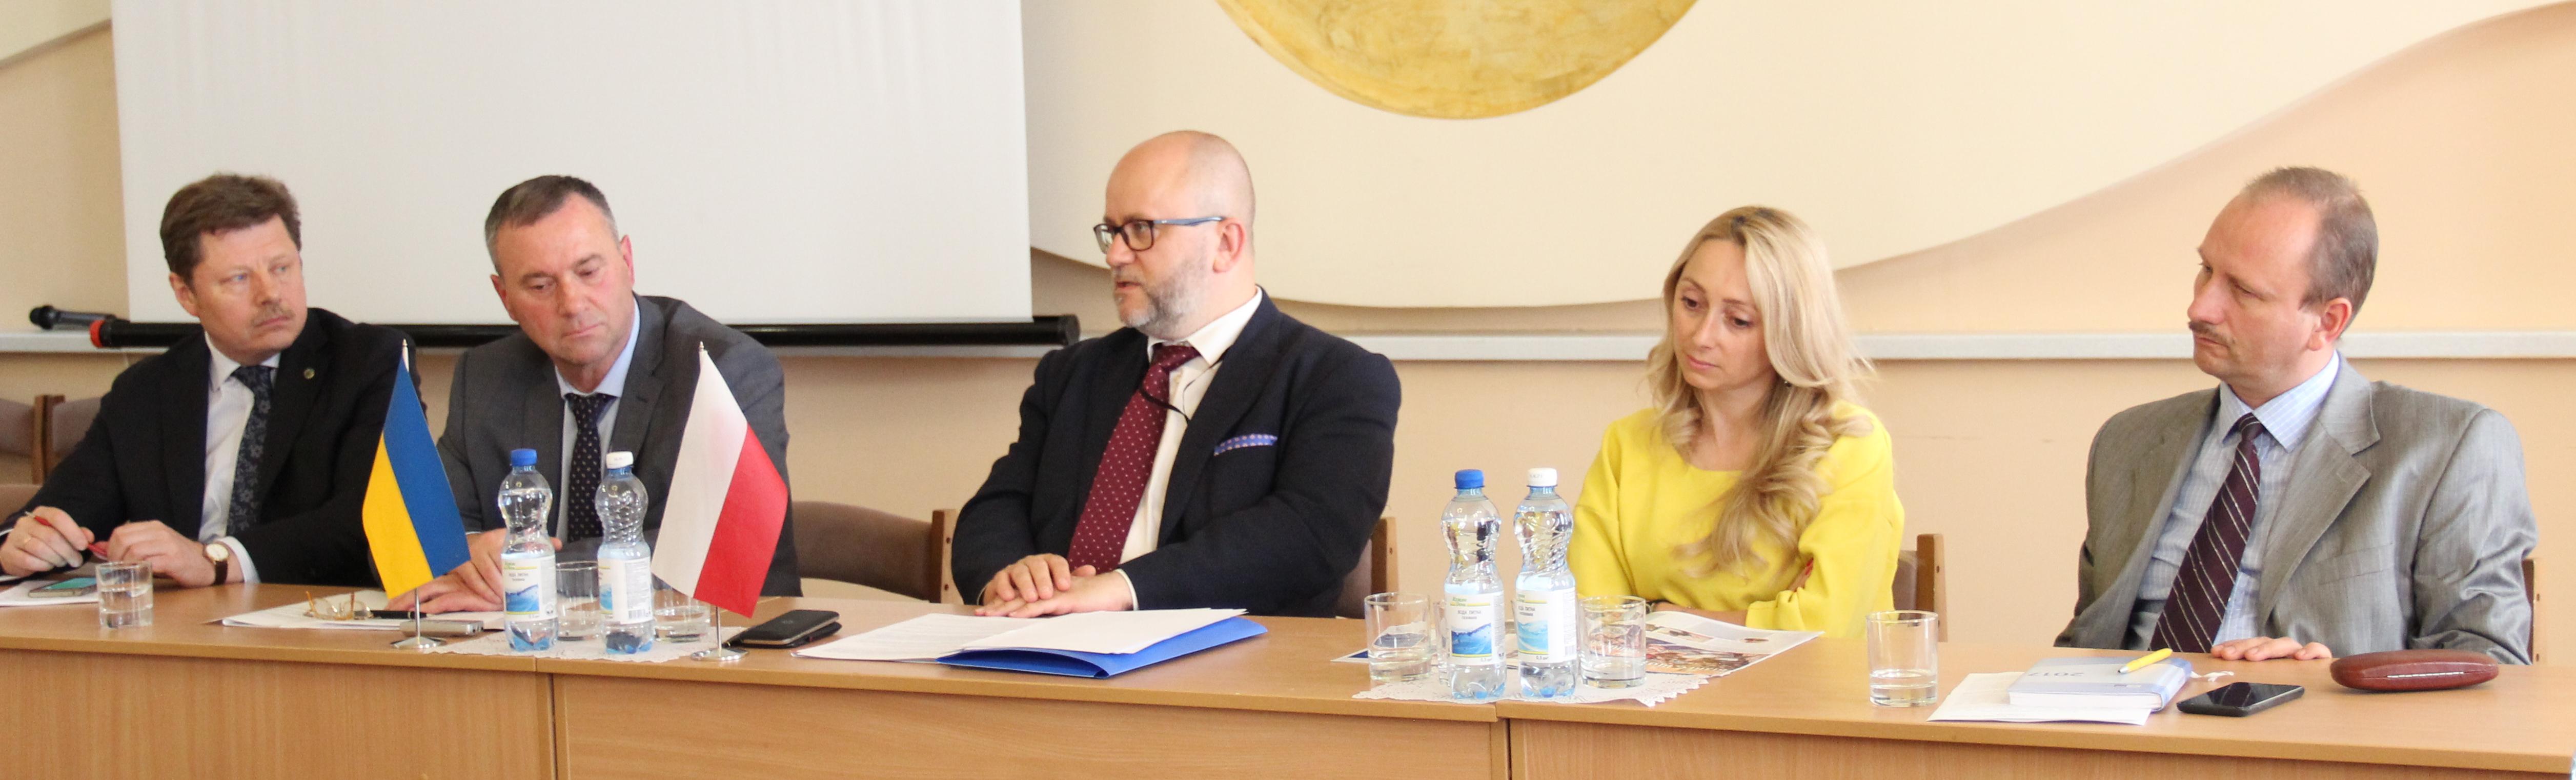 Захід відбувся в рамках відкритого засідання Президії ЛТПП. Учасники  діалогу активно обговорювали актуальні потреби та питання c74960462adbf